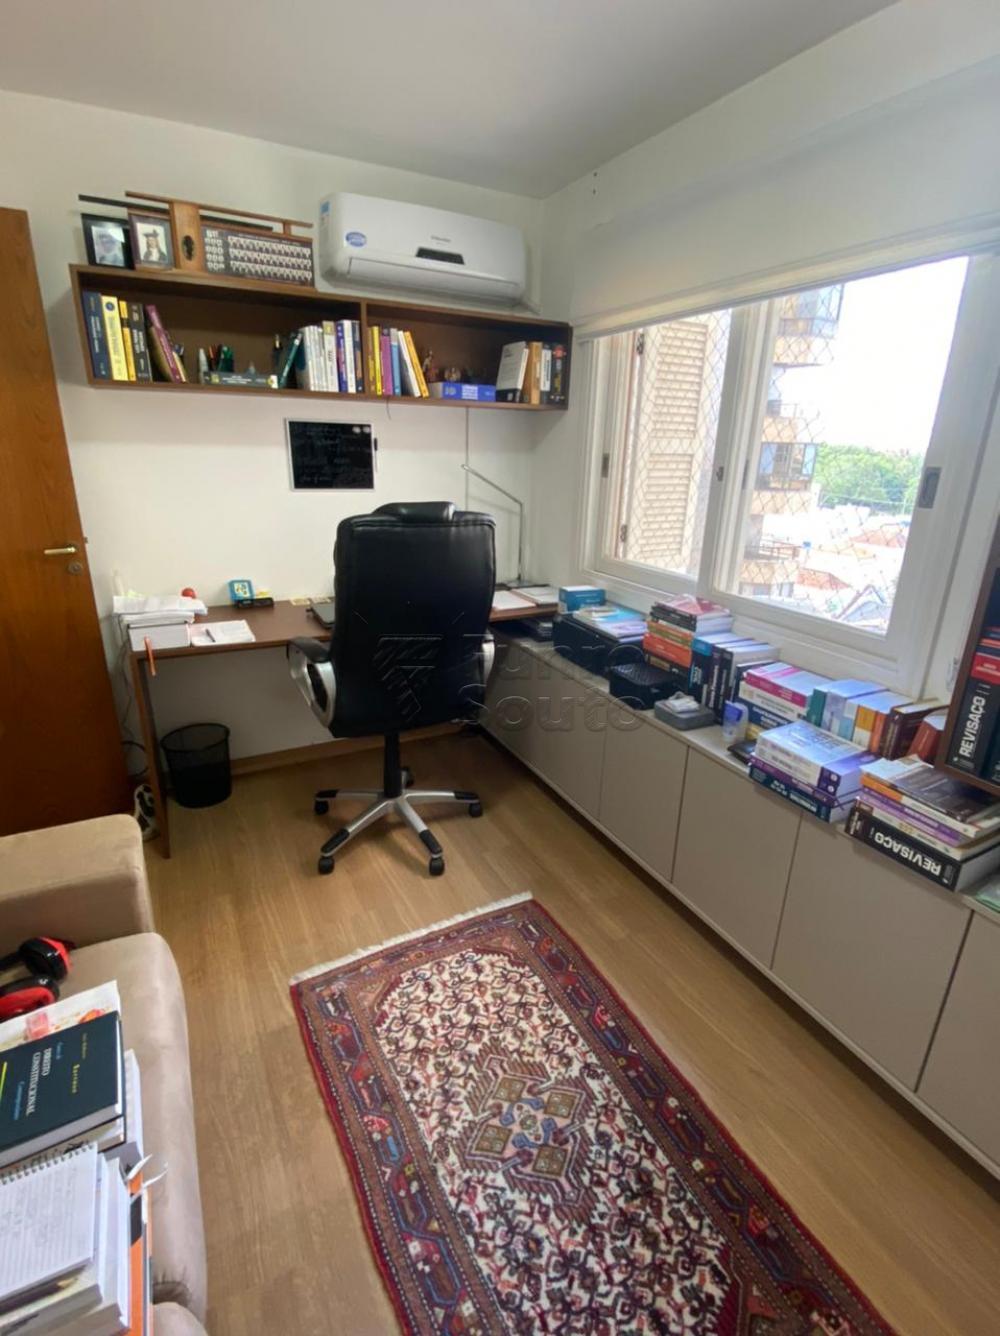 Comprar Apartamento / Padrão em Pelotas R$ 548.000,00 - Foto 14